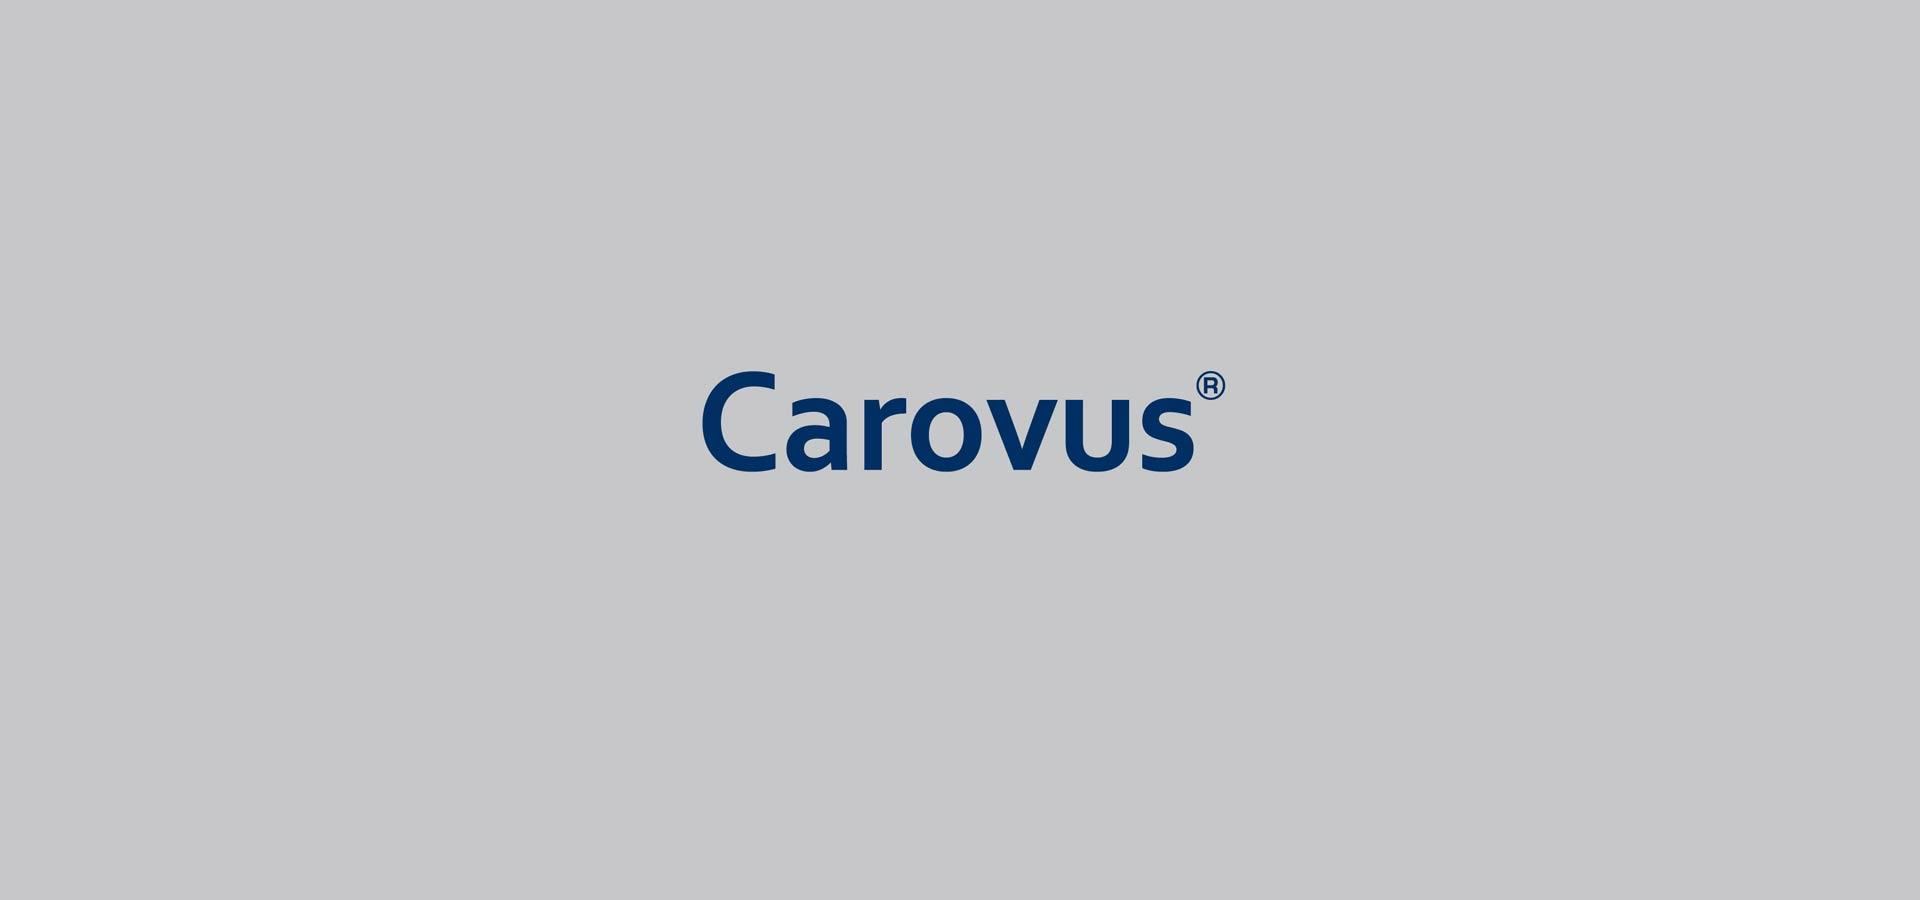 Carovus – ein moderner Finanzdienstleister erobert den Markt